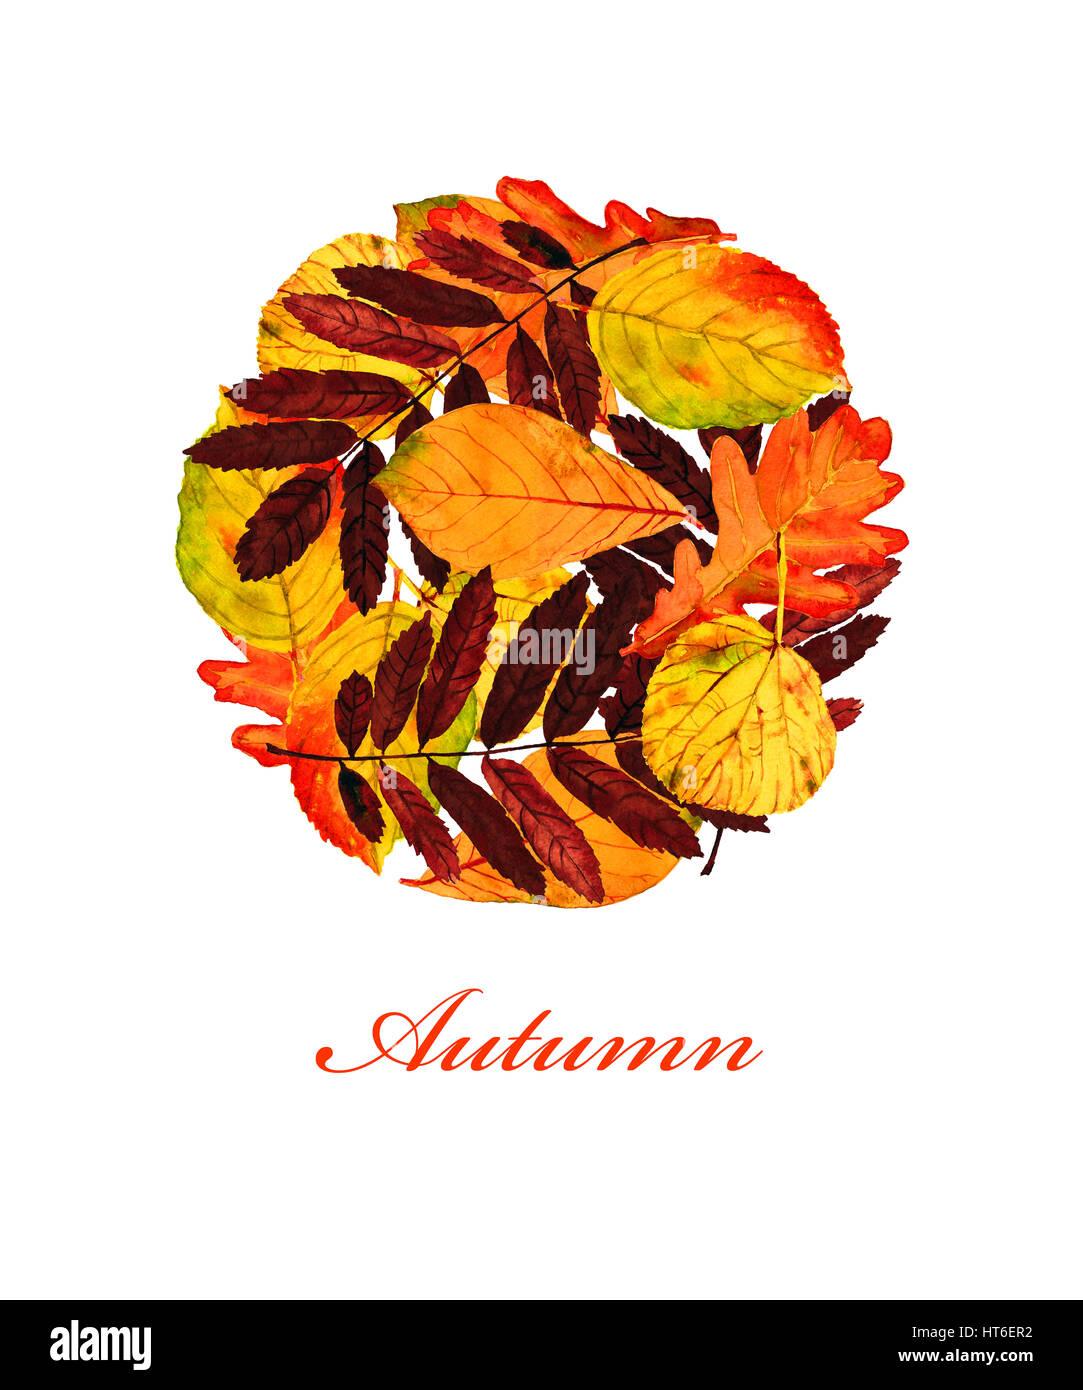 Banner mit bunten Blätter im dekorativen Stil und Text \